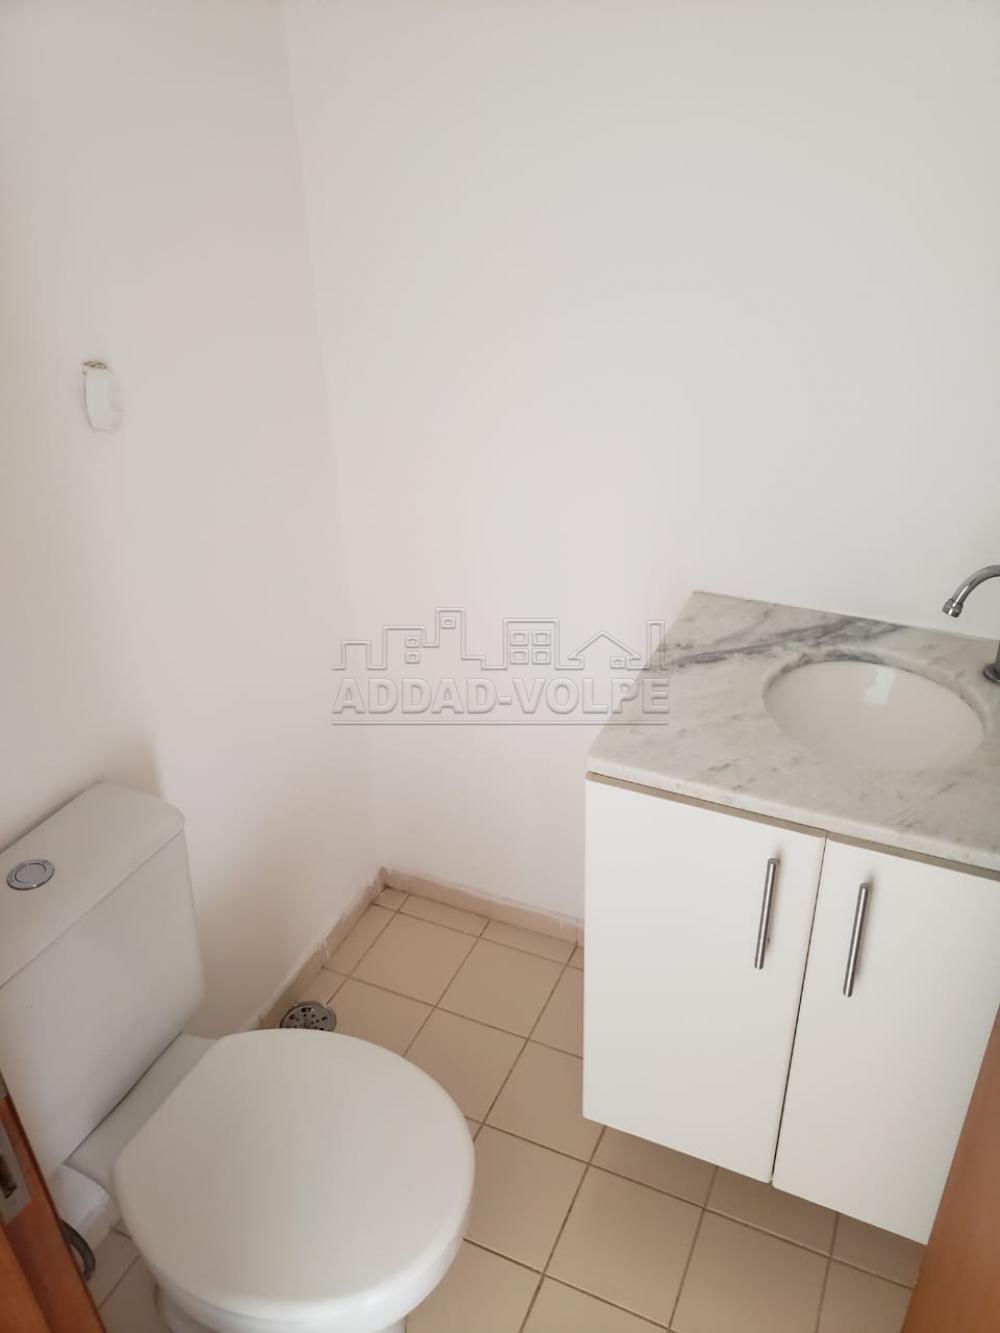 Alugar Apartamento / Cobertura em Bauru apenas R$ 1.500,00 - Foto 9